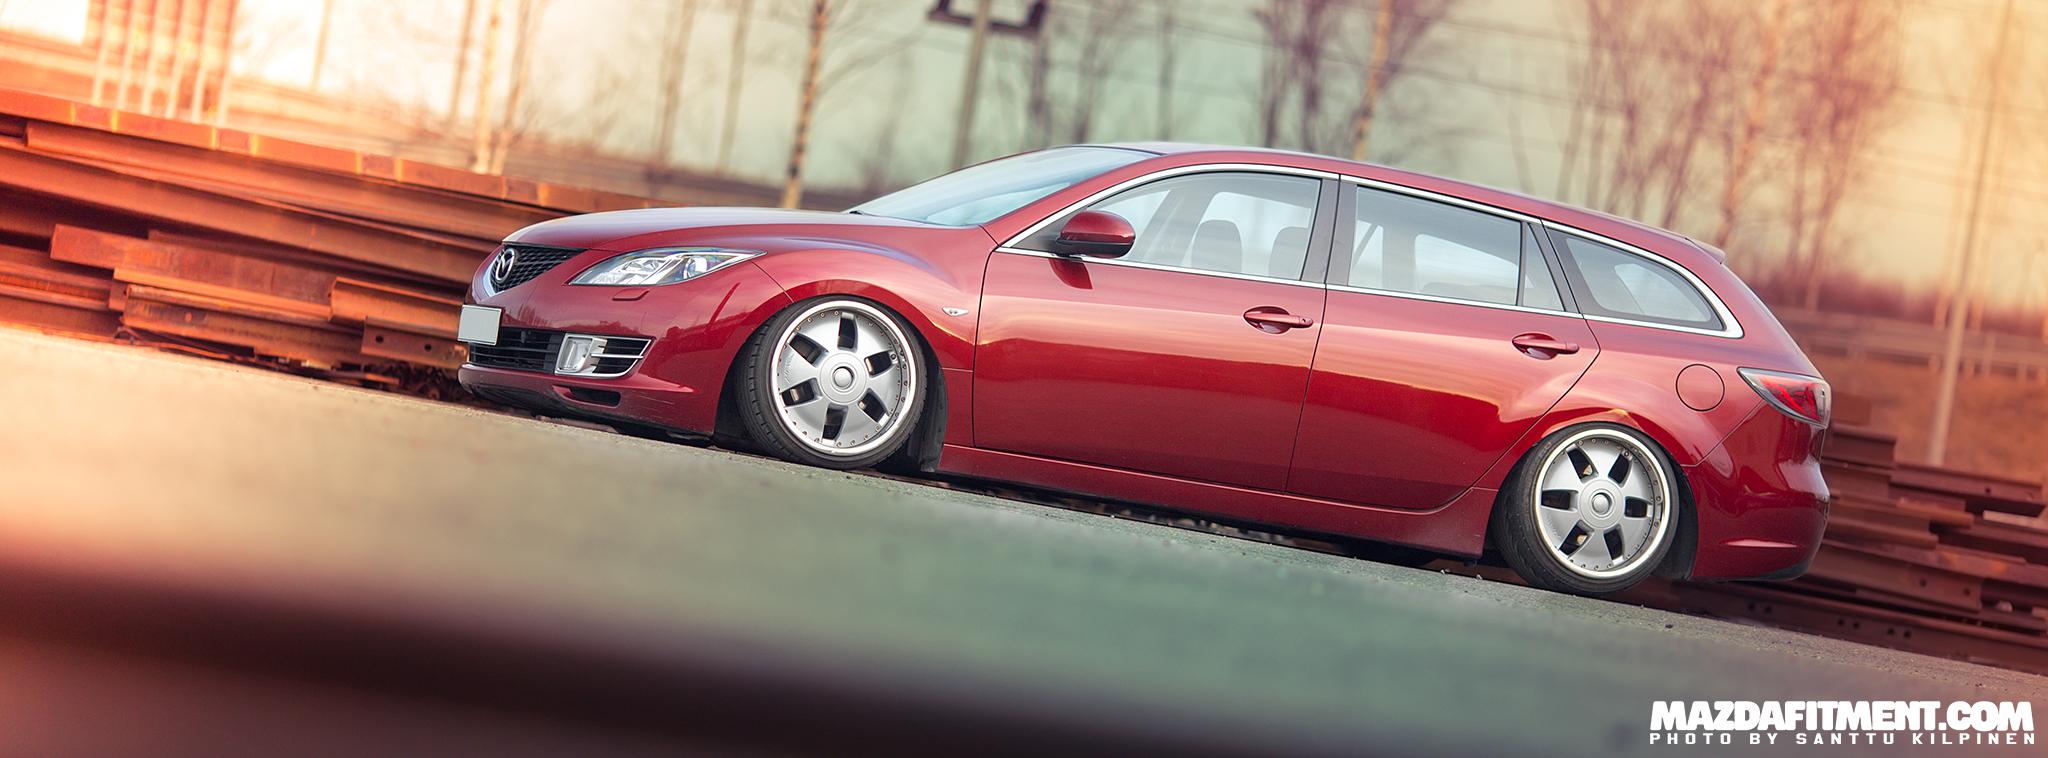 mz6 wagon – Mazda Fitment